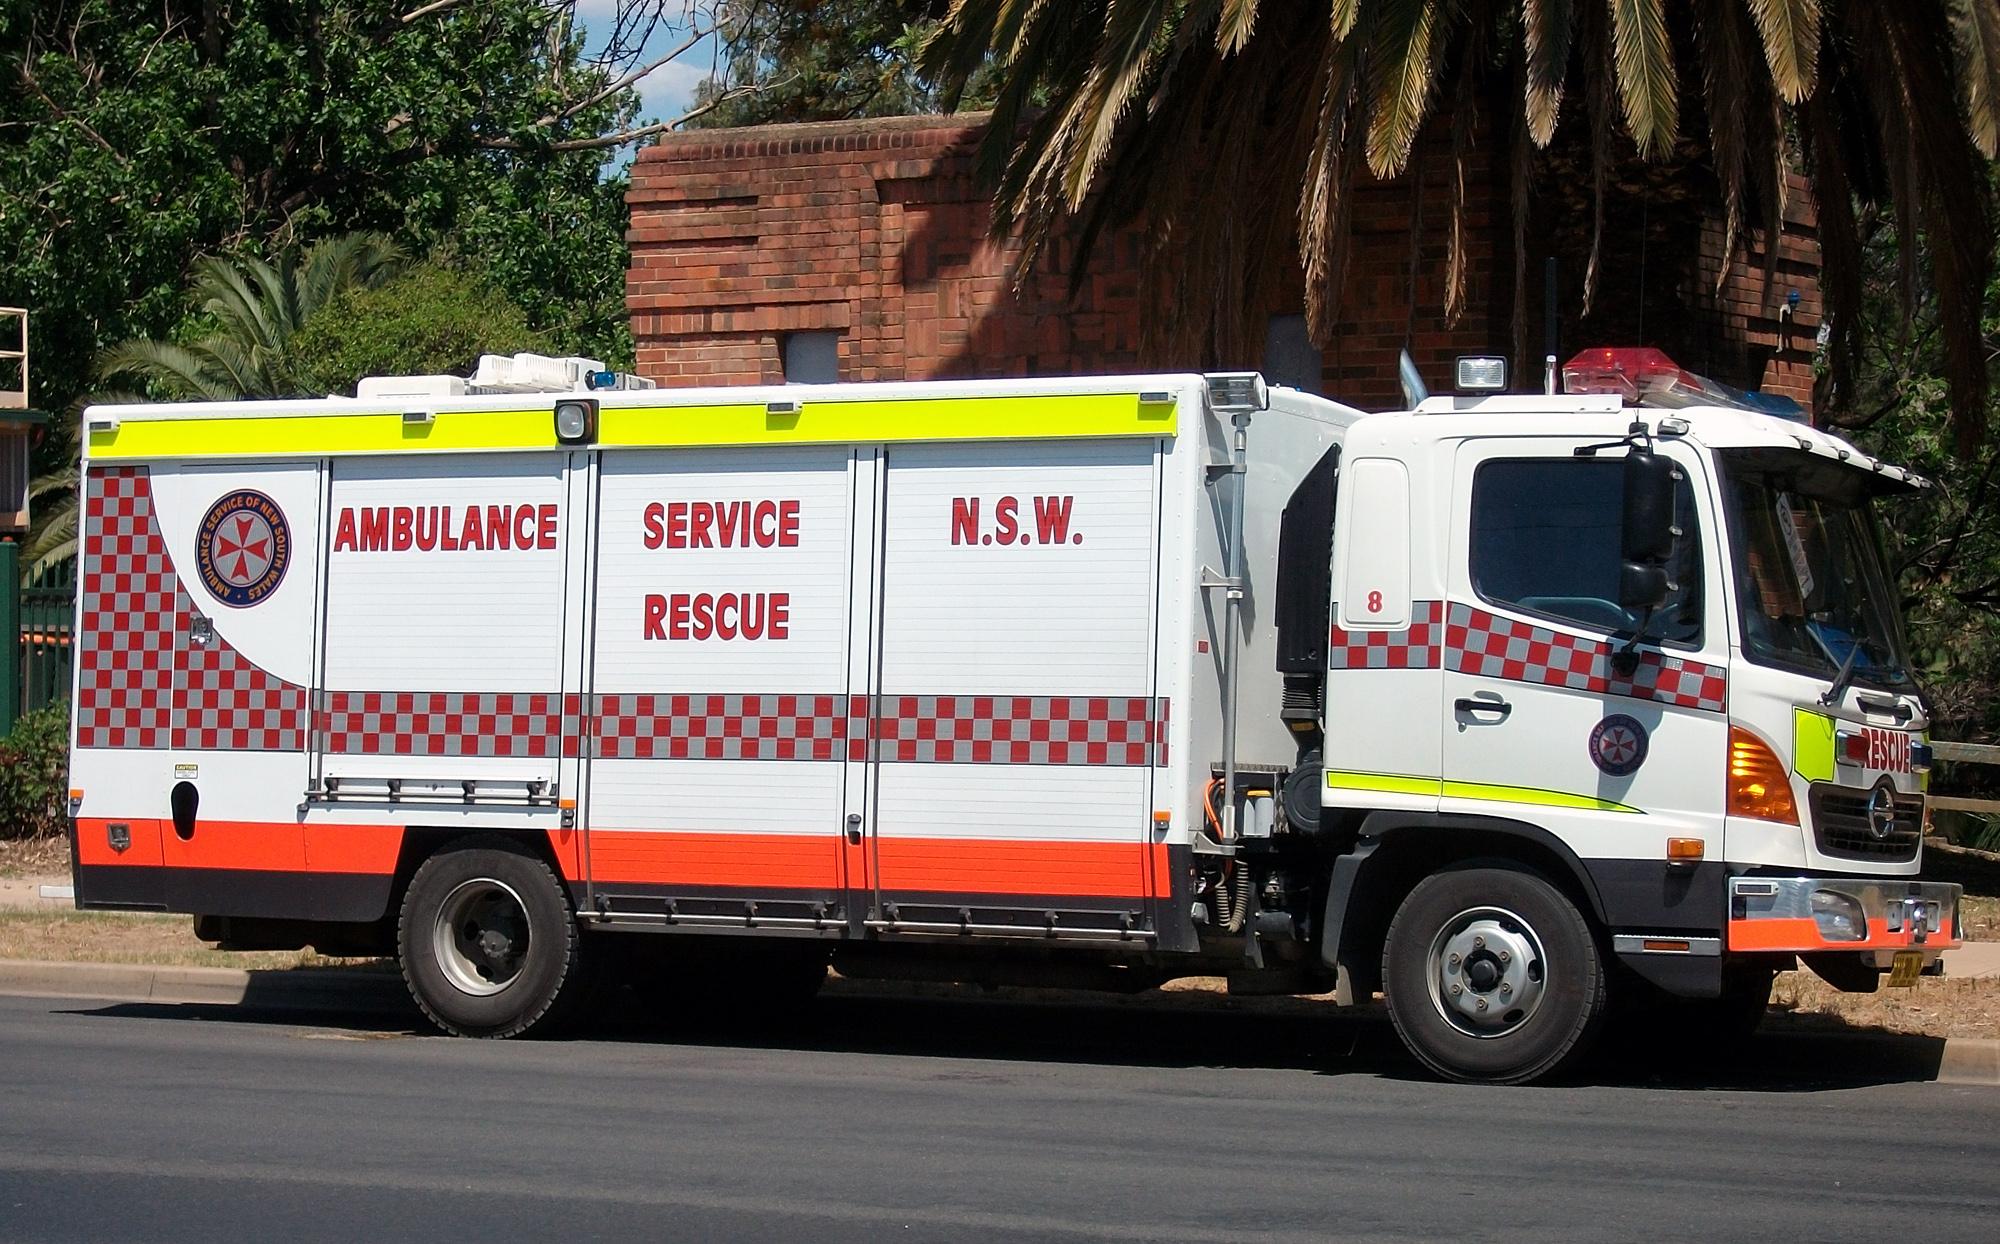 New South Wales Ambulance